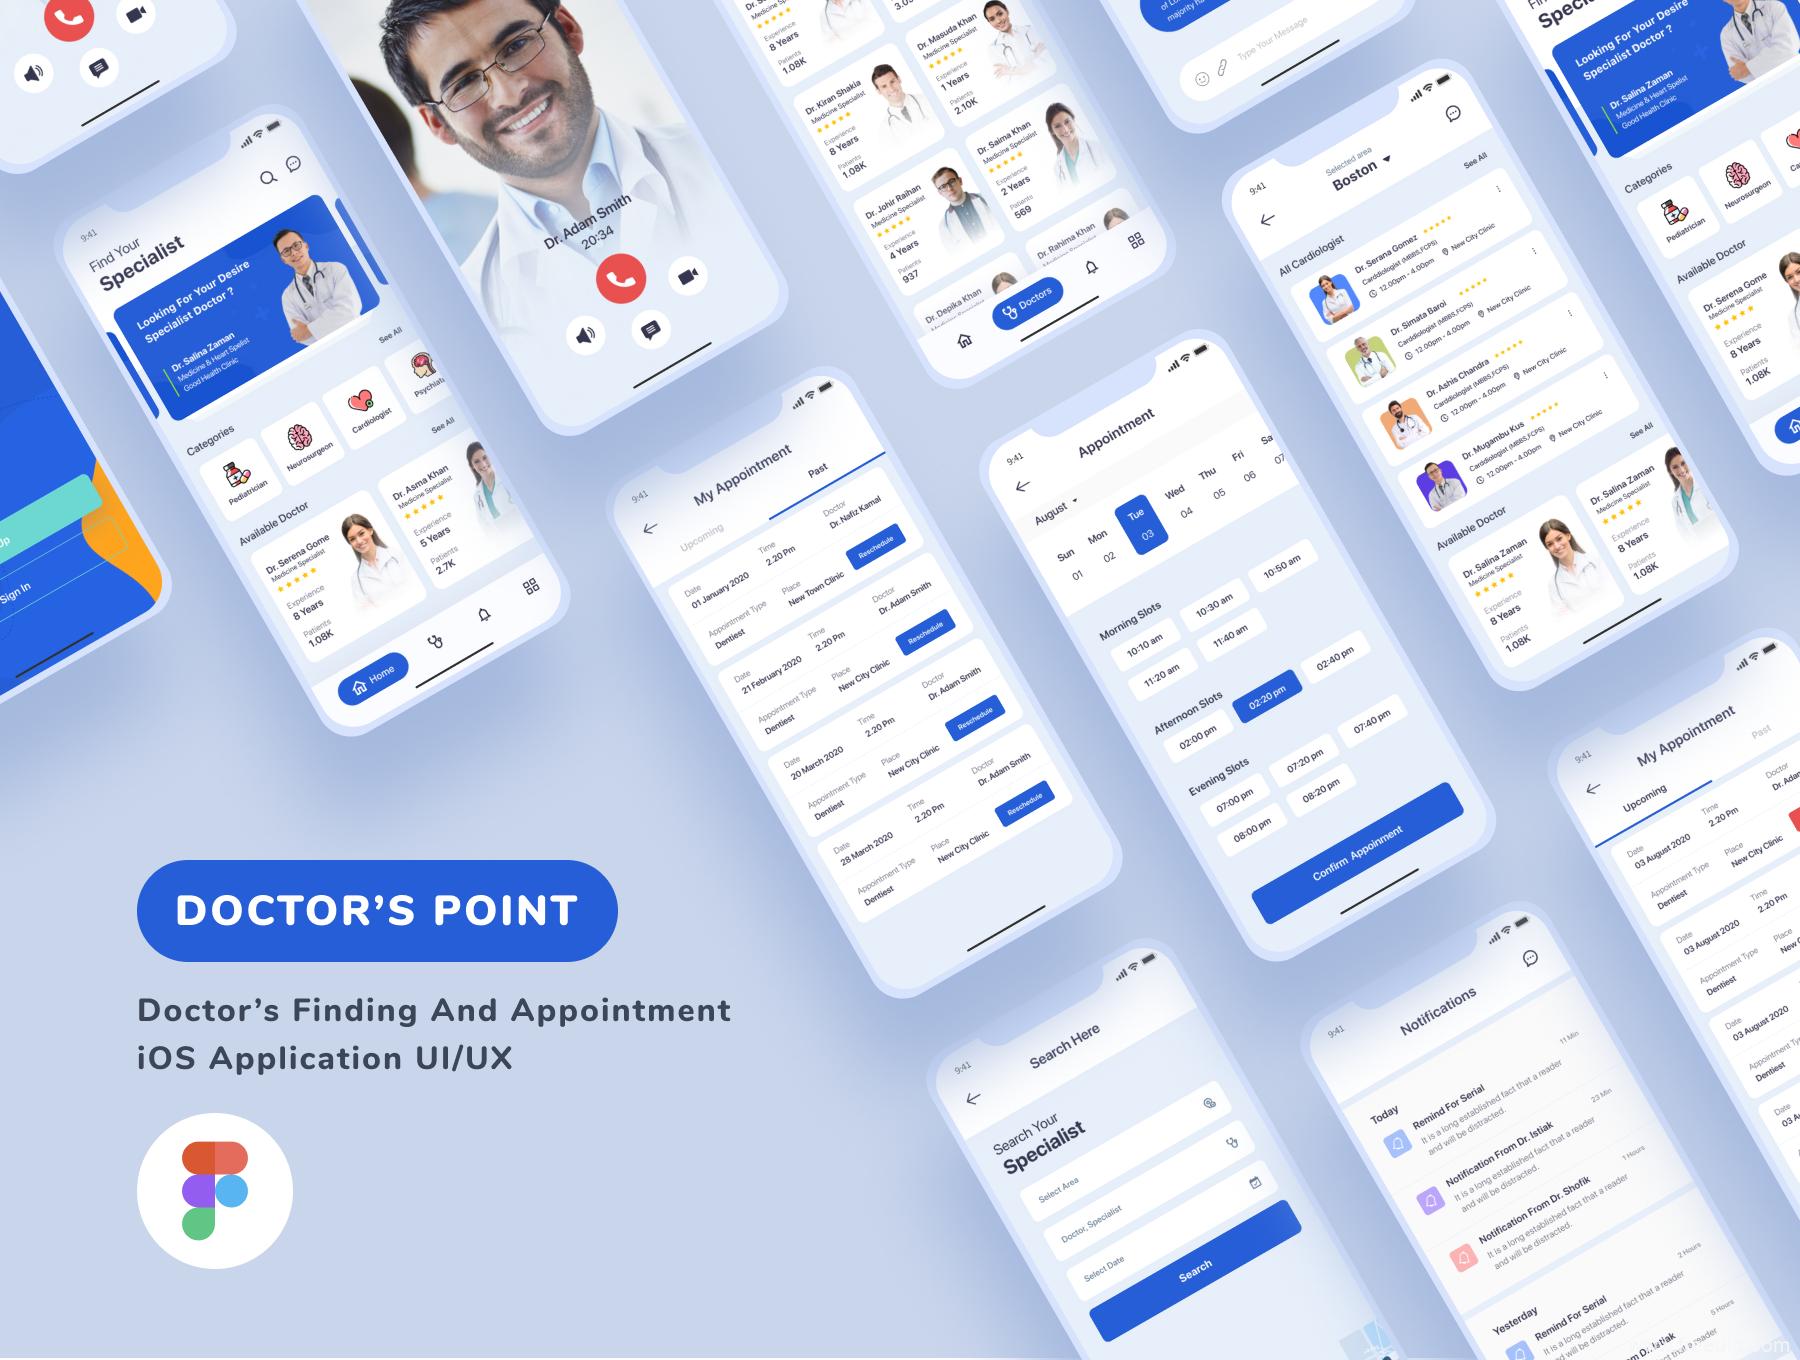 在线医疗app UI源文件套装下载,在线问诊app UI资源下载,医疗app UI素材下载figma源文件下载